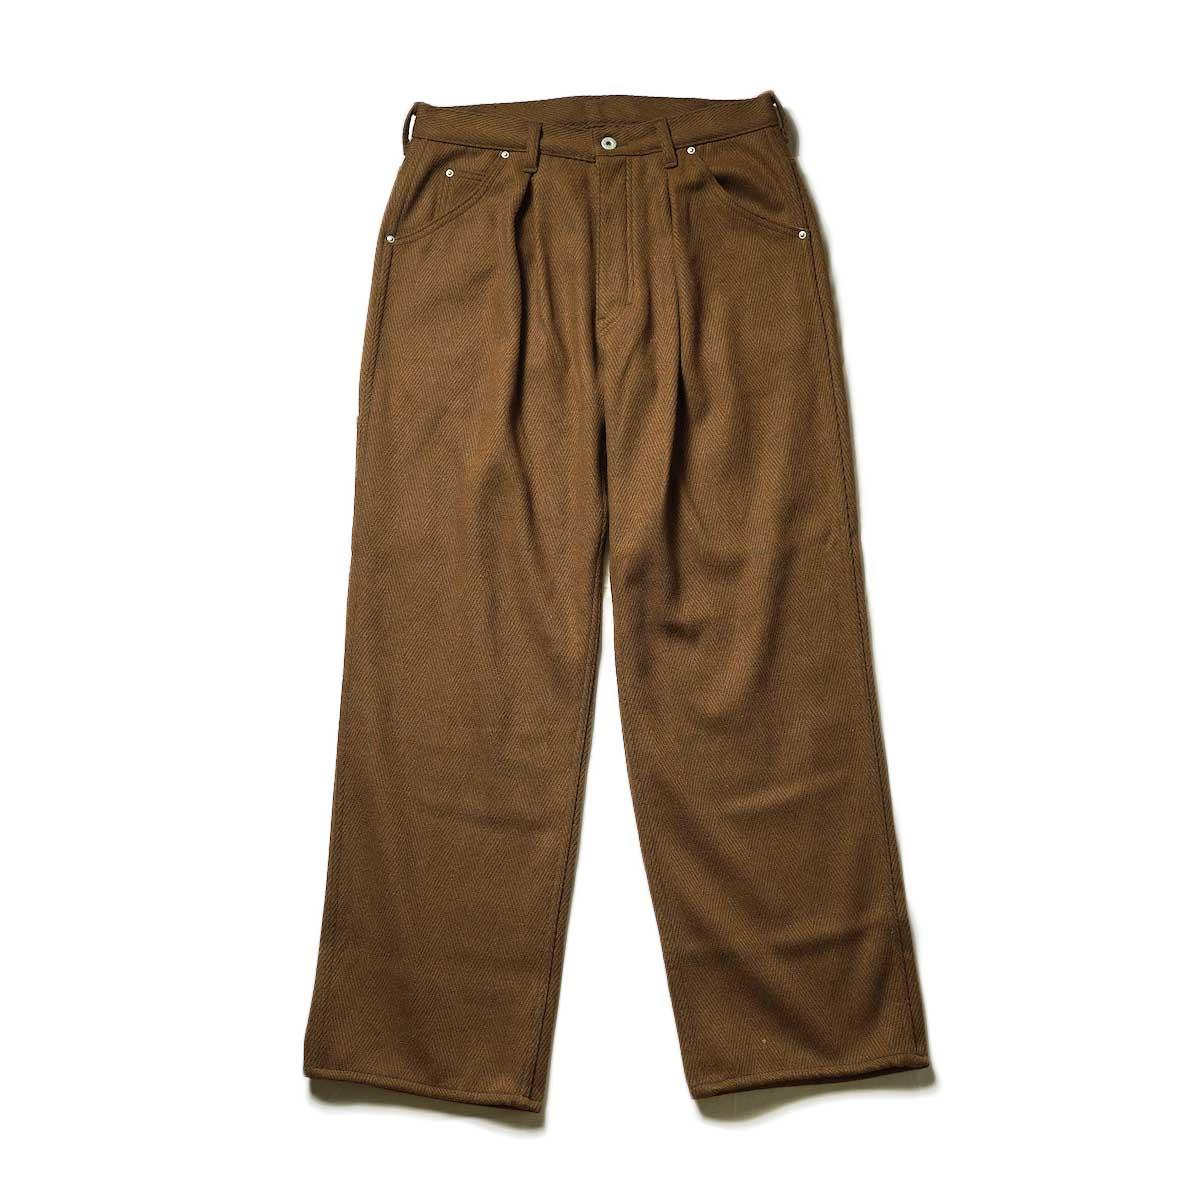 Willow Pants / P-010 - TWEED PANTS (Brown)